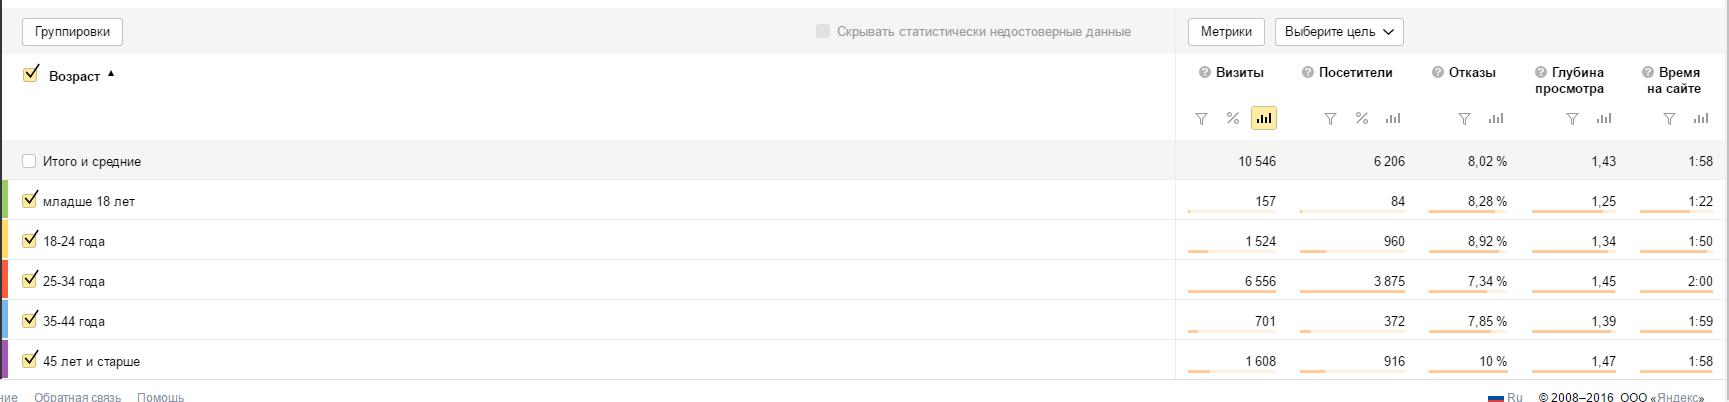 Пример отчета Яндекс Метрики